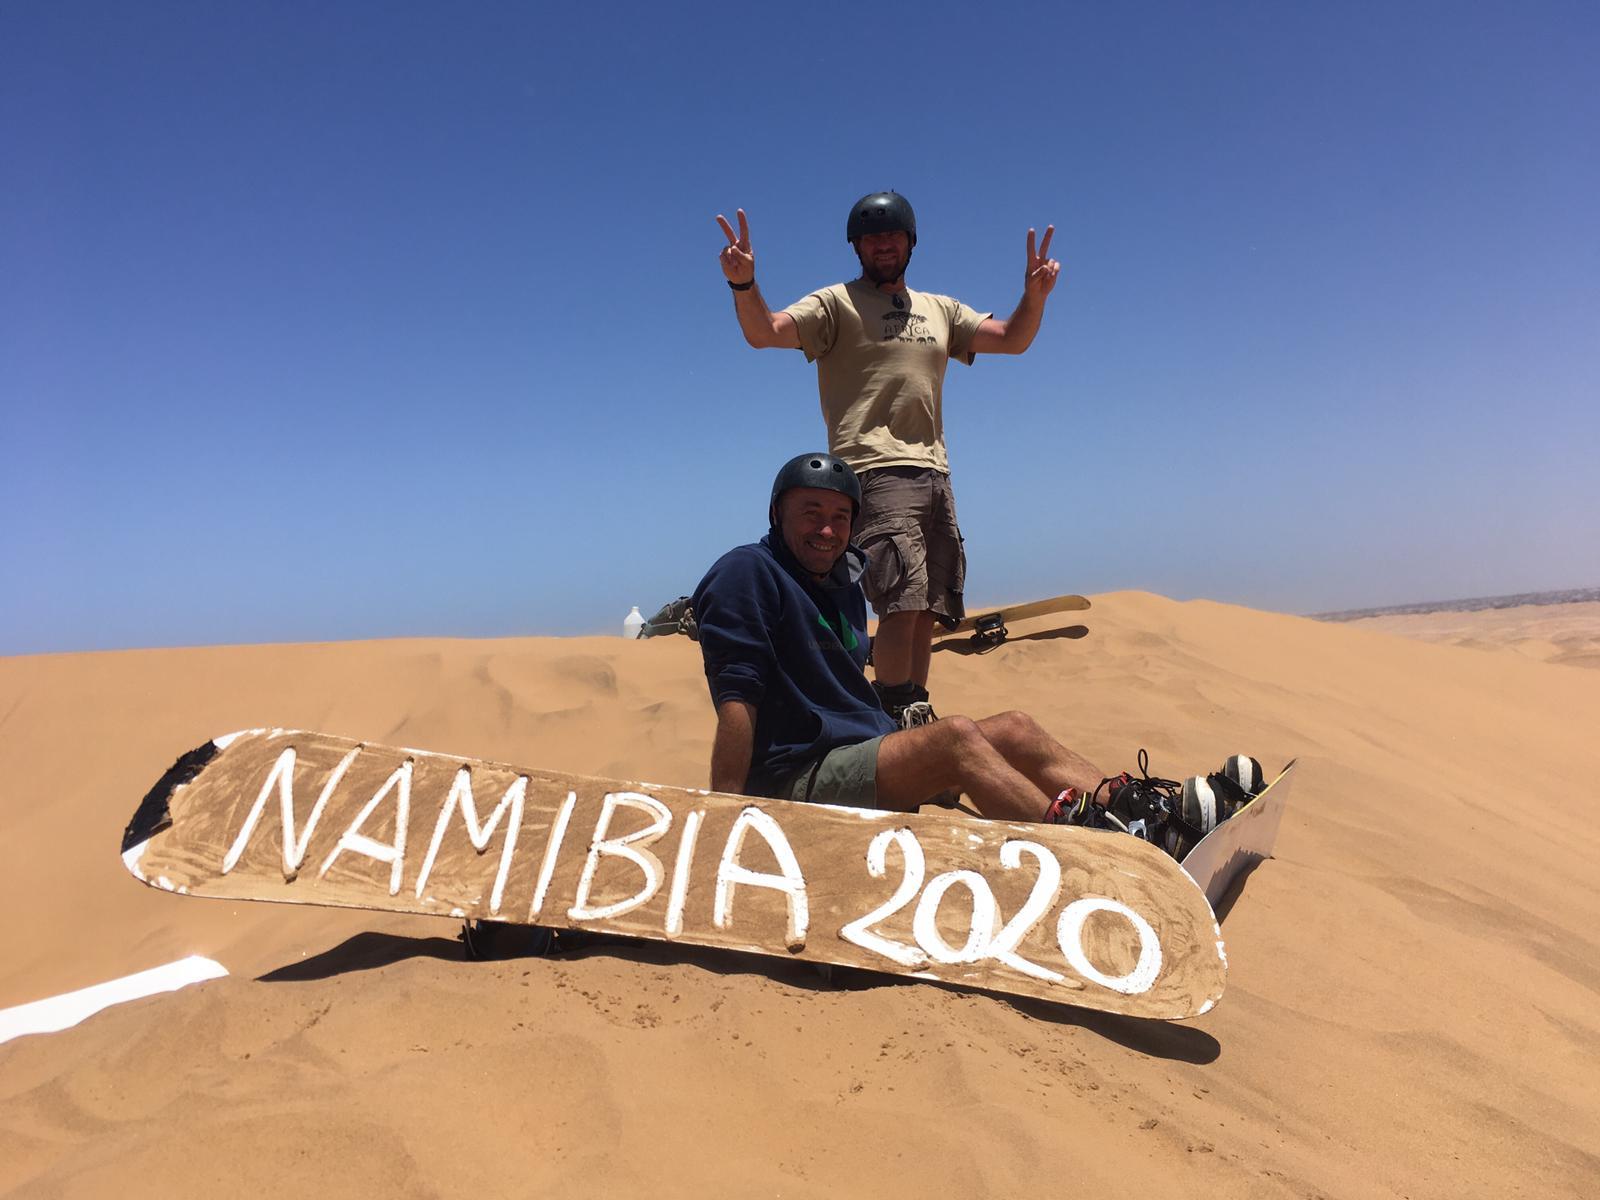 Namibie a výprava na řeku Kunene 2020